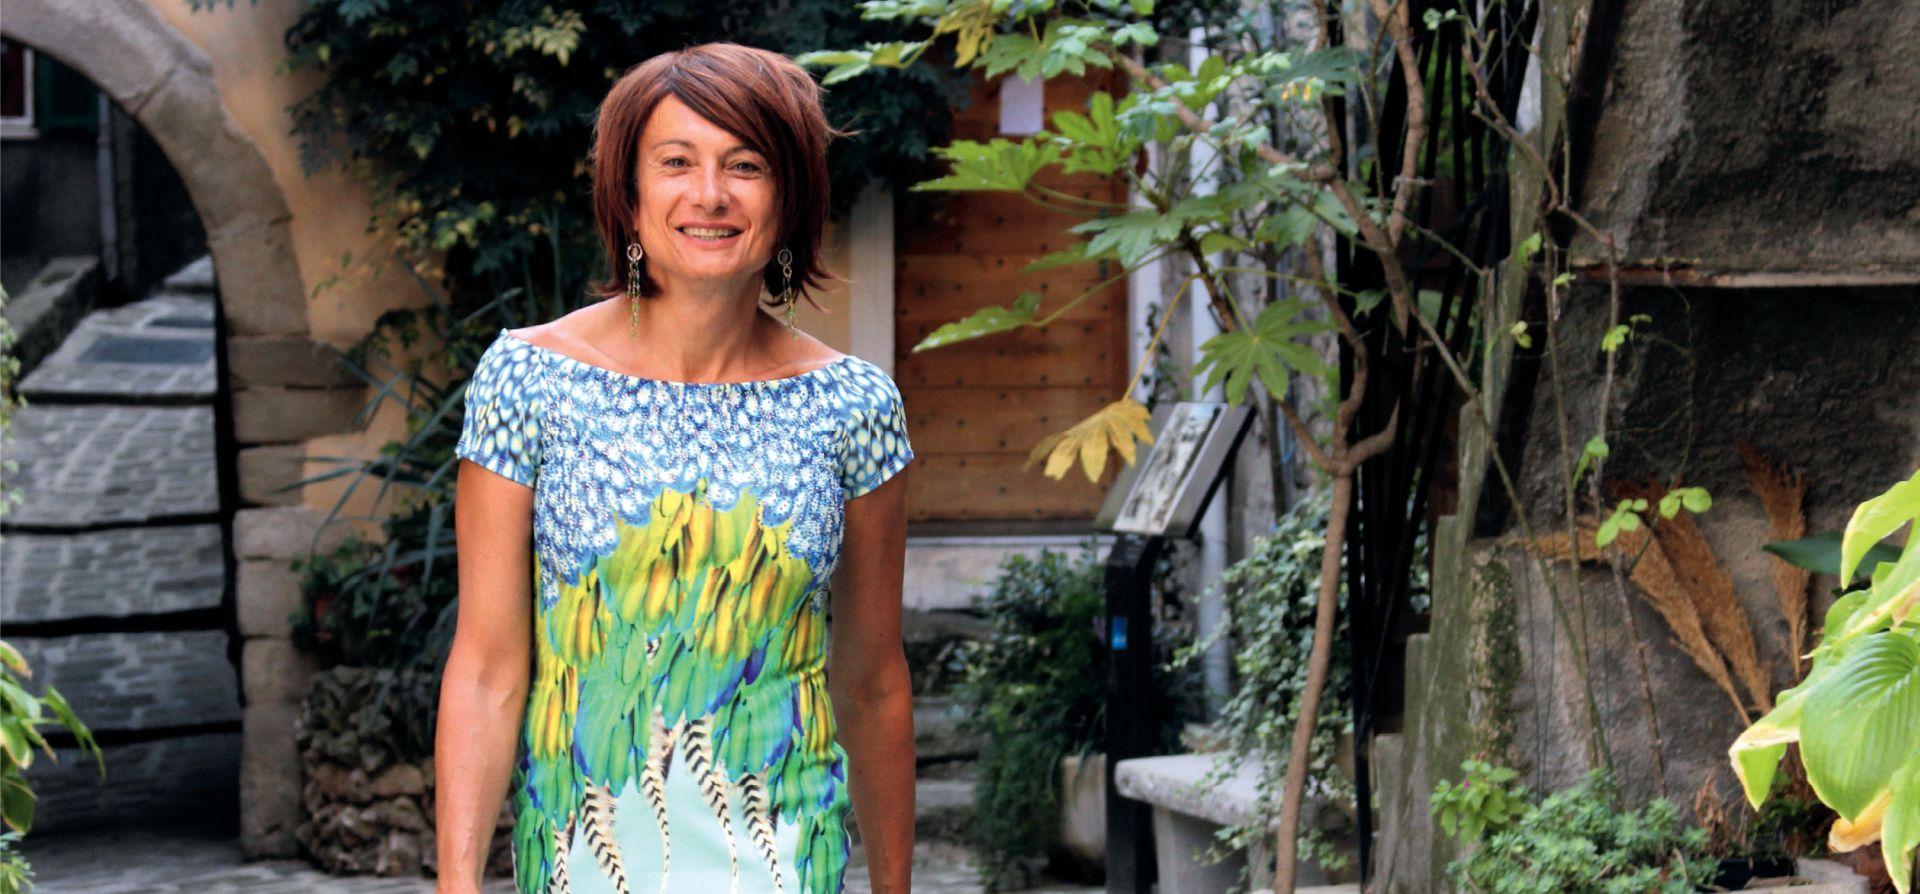 INTERVIEW: VLADIMIR LUXURIA 'Kao bivša zastupnica nemam mirovinu niti sam uvela neki zakon'